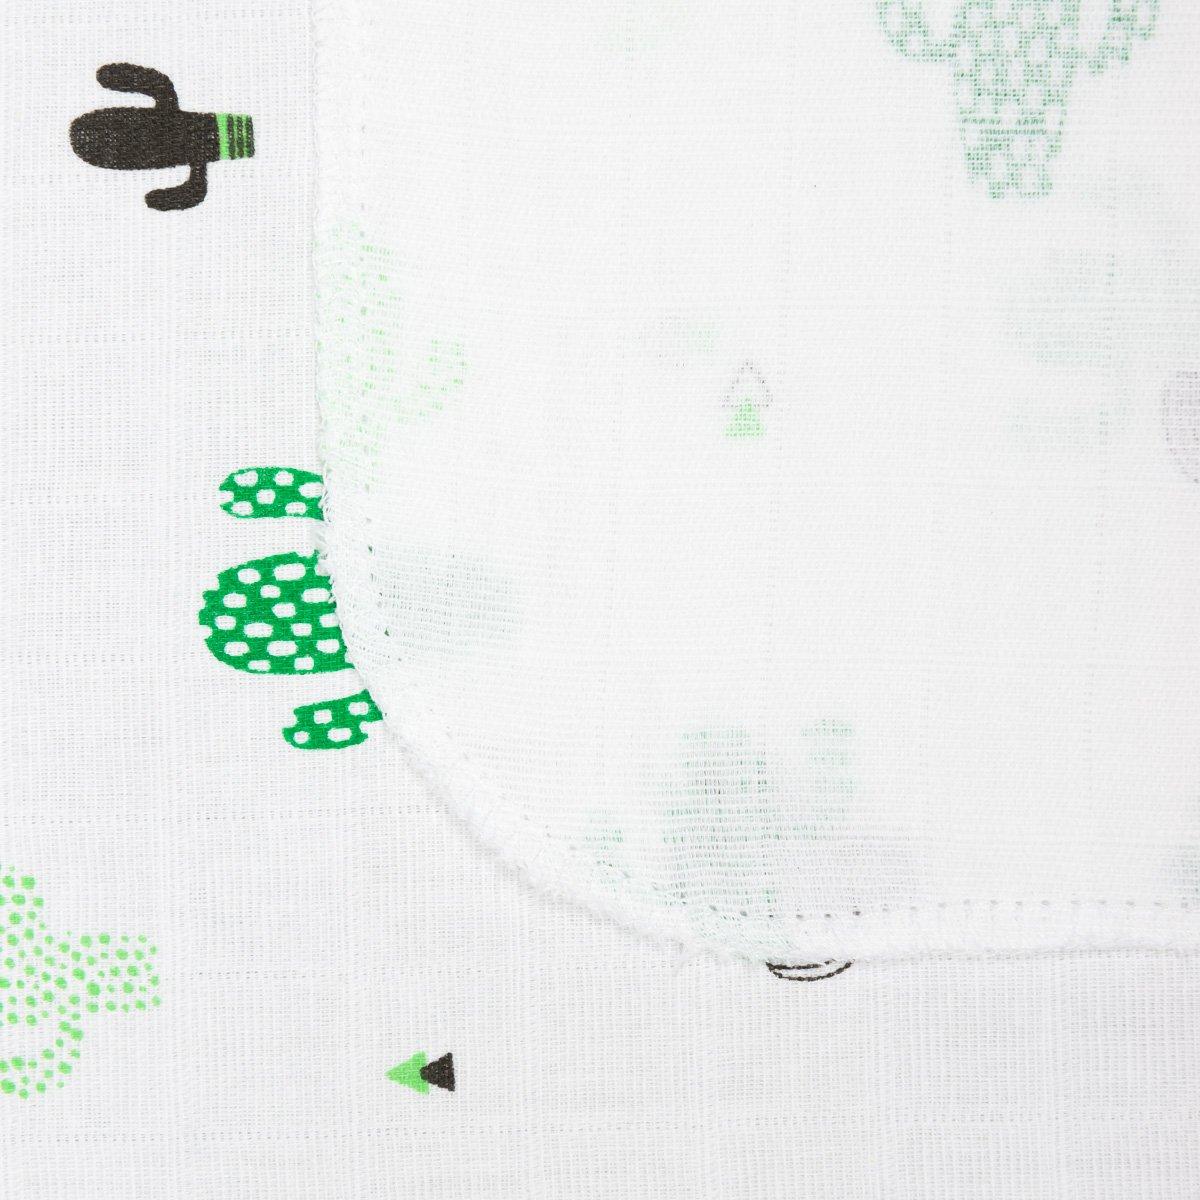 Купить Для новорожденных, Пеленка Бетис Cactus 75х100 см 27683397 ТМ: Бетис, зеленый